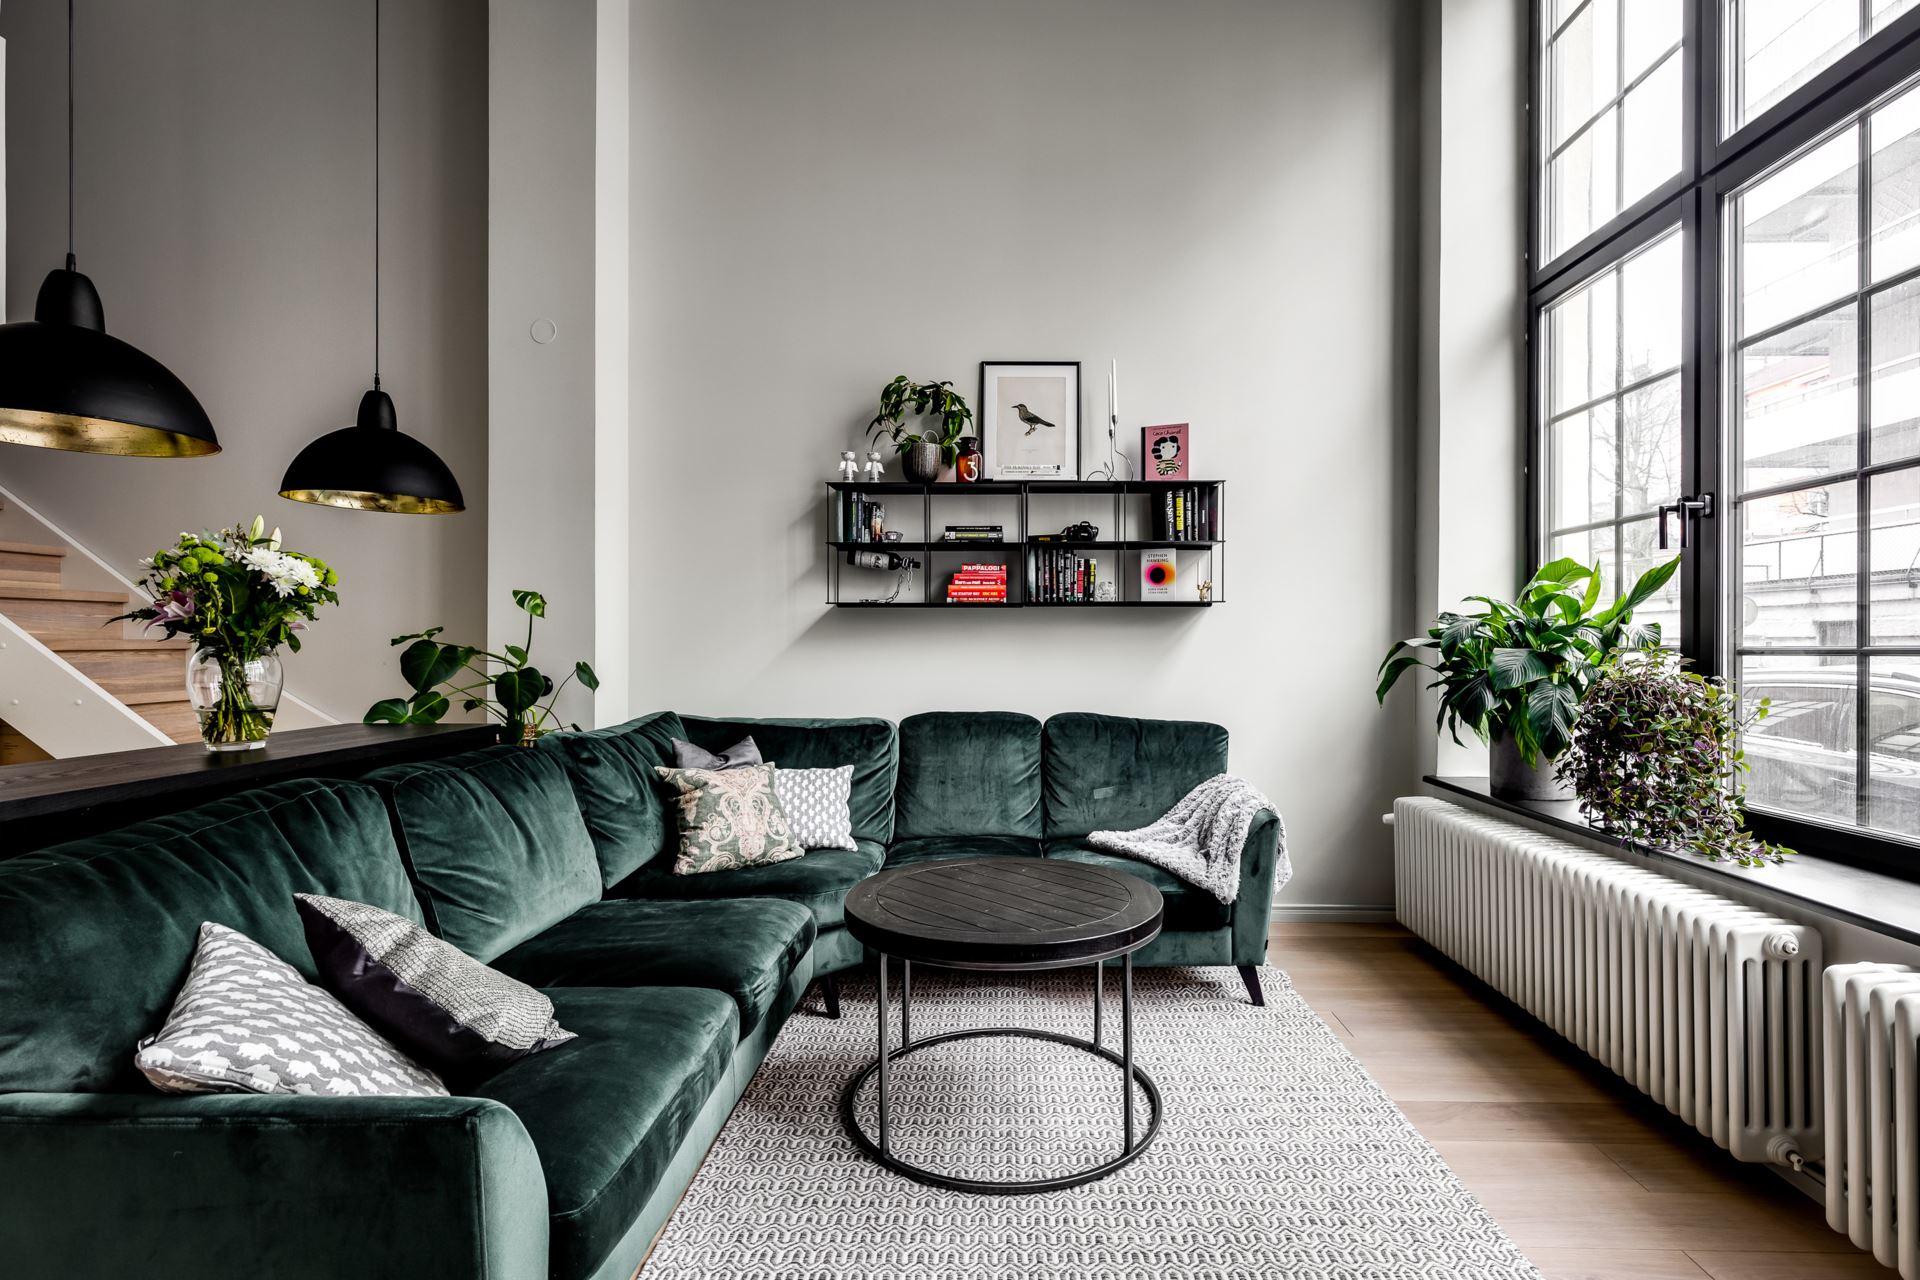 Salon w stylu industrialnym glamour